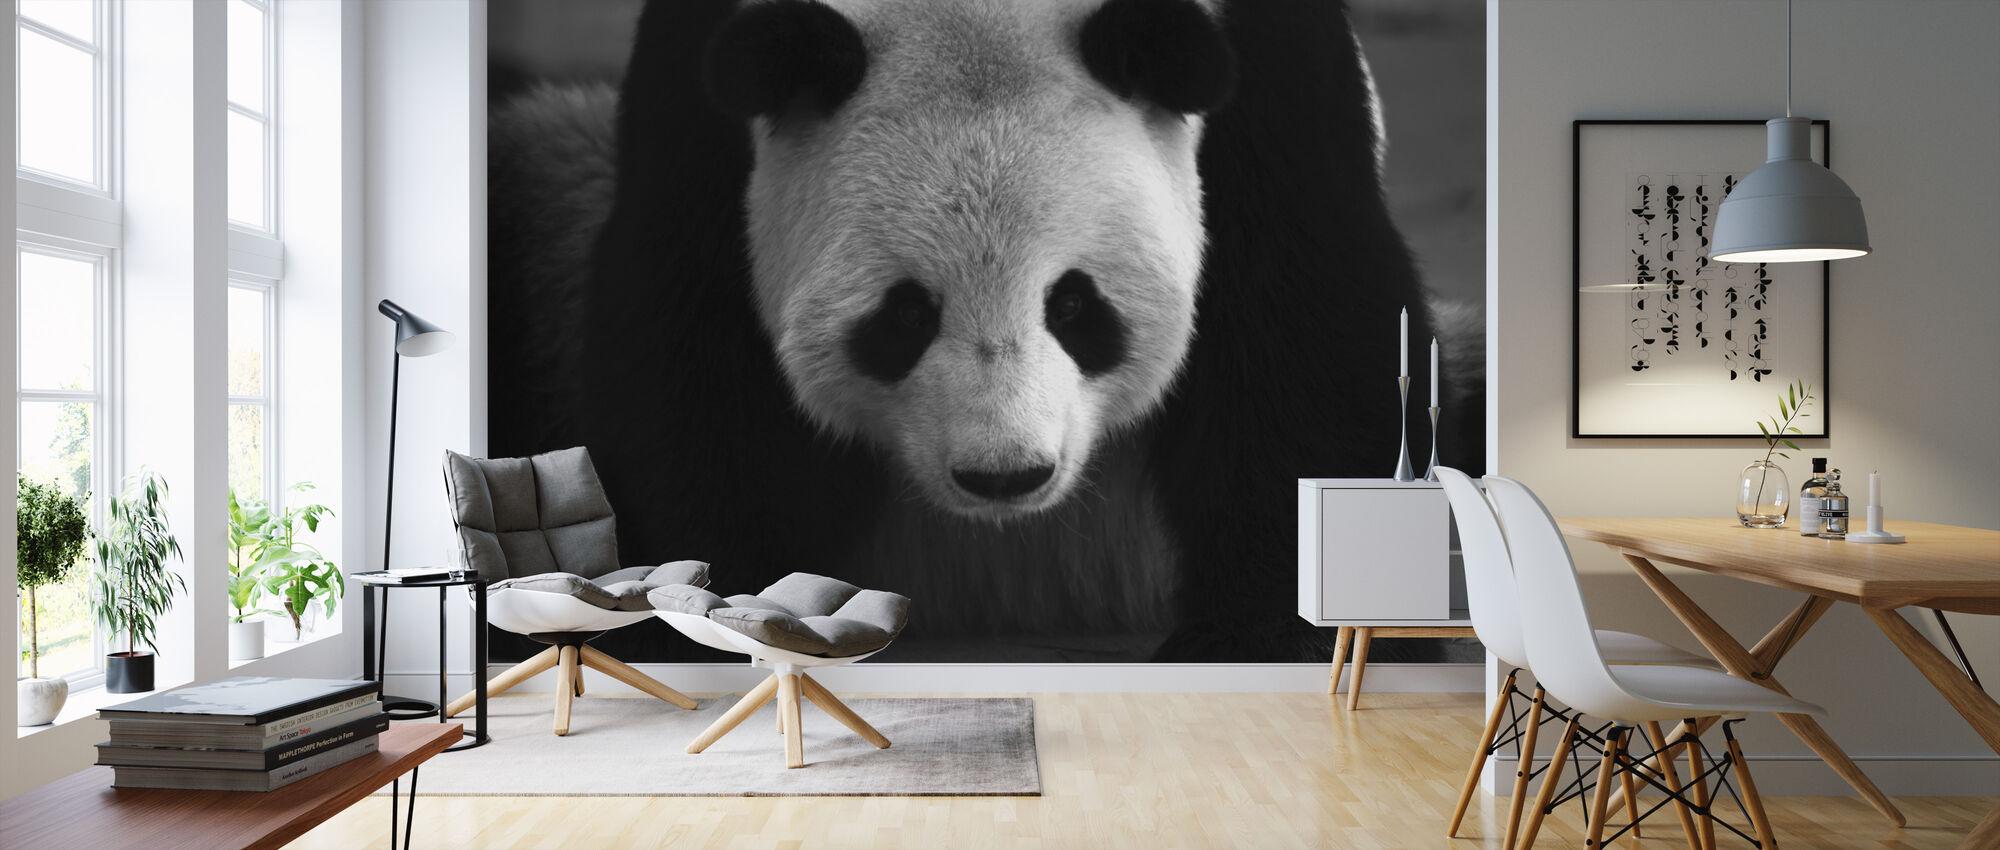 Giganten panda - Tapet - Stue